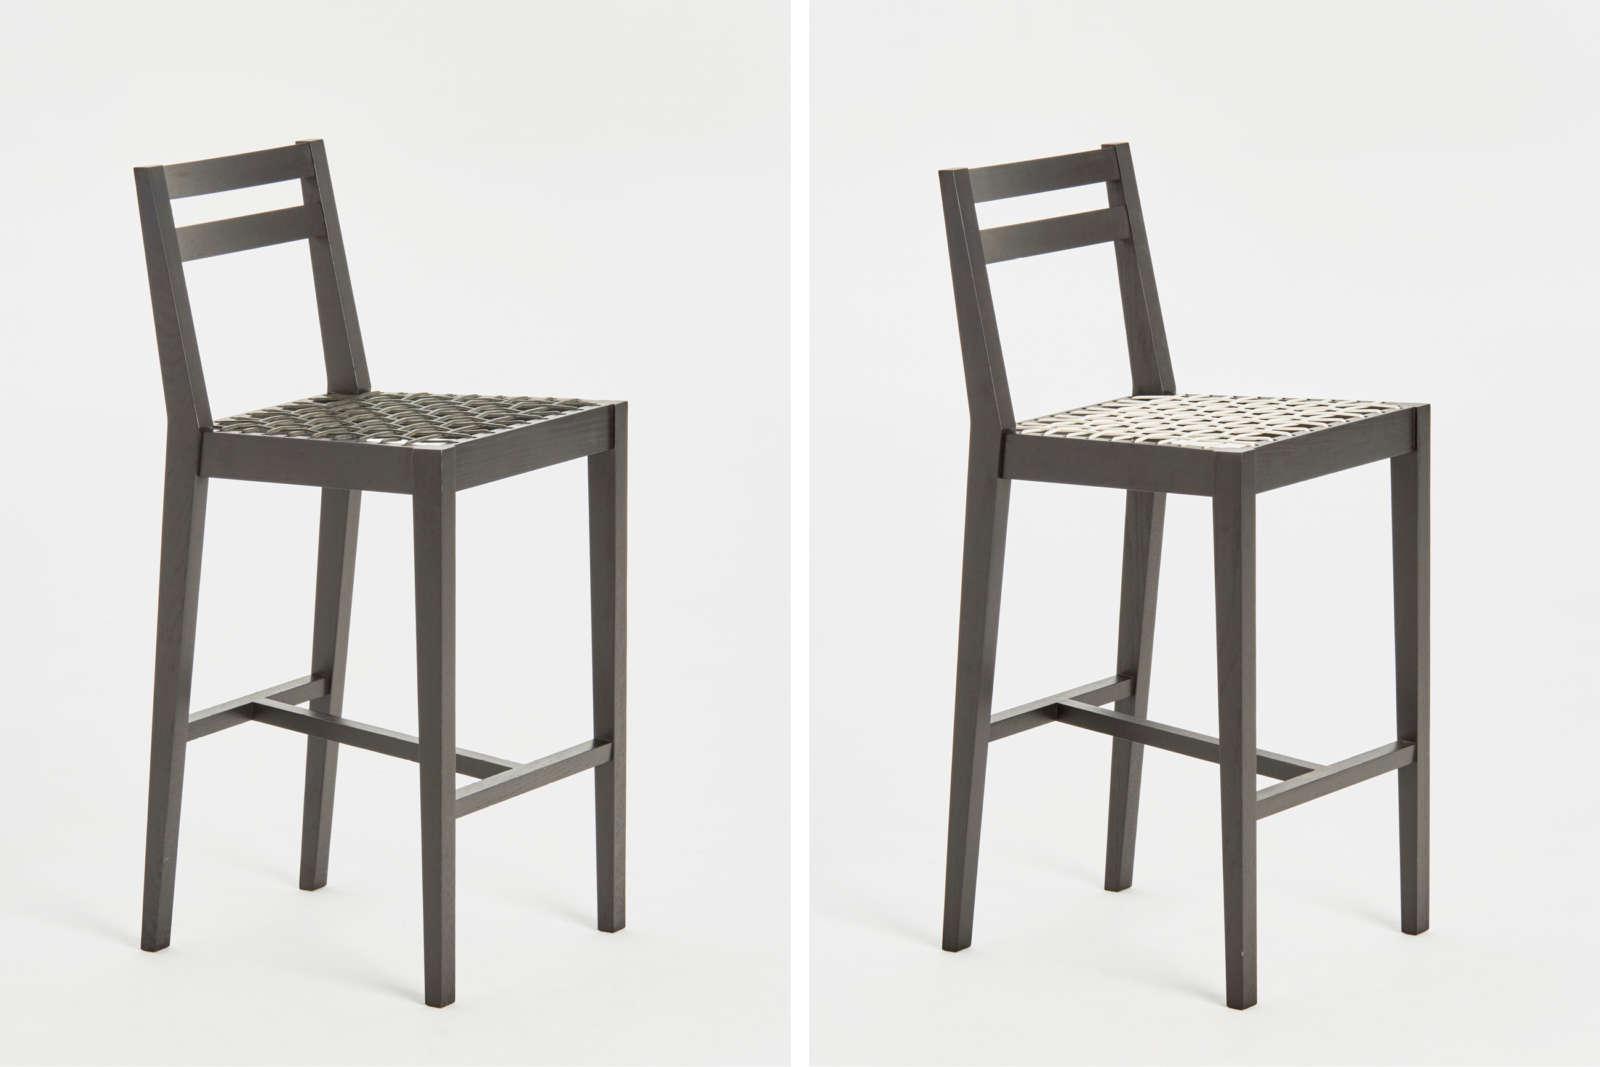 Riempie bar chairs